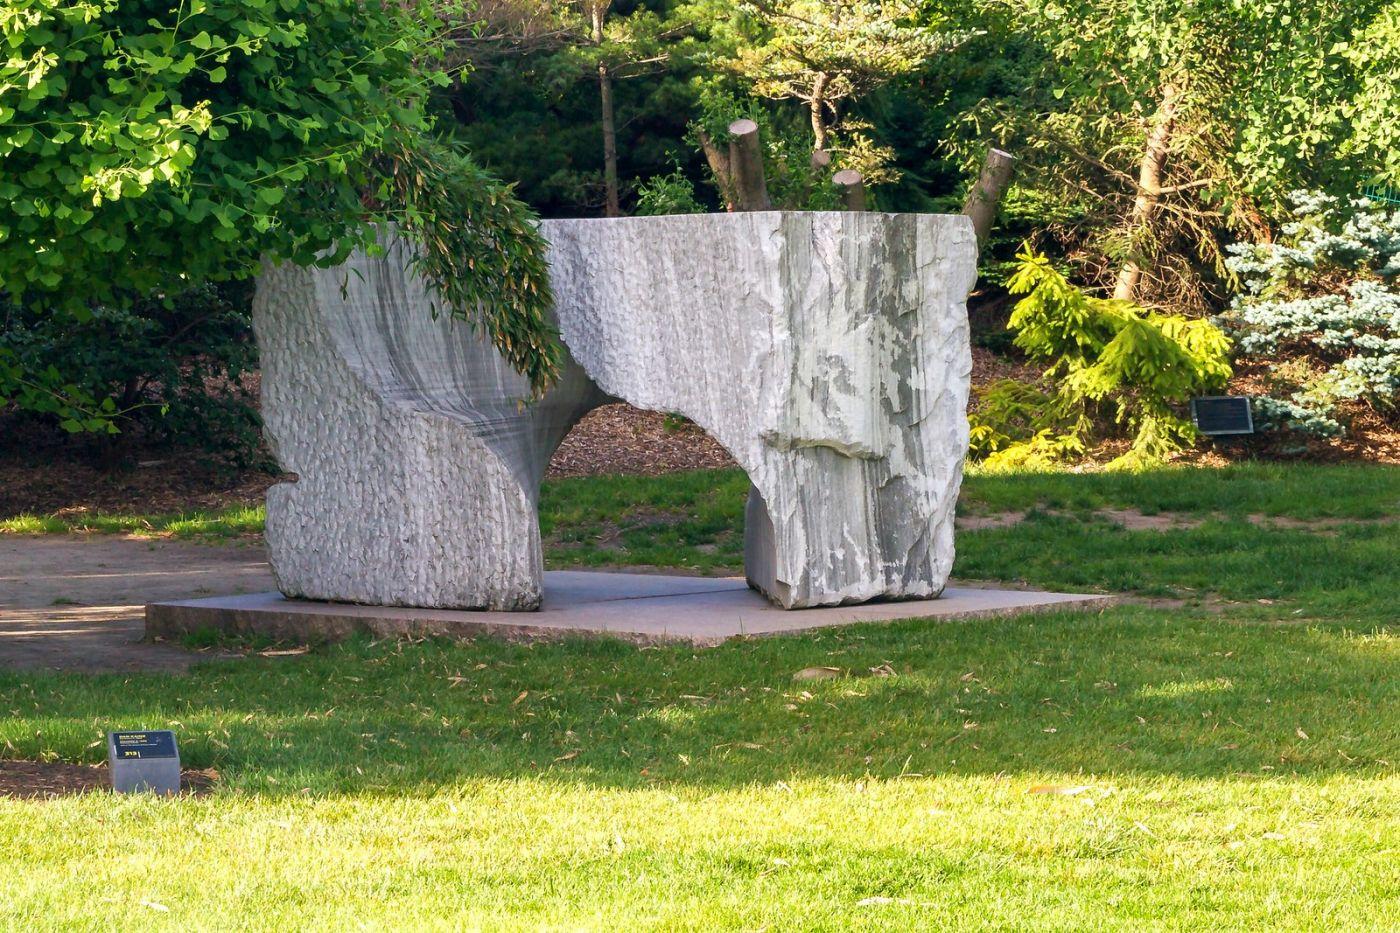 新澤西州雕塑公園(Grounds for scuplture),題材很廣_圖1-5